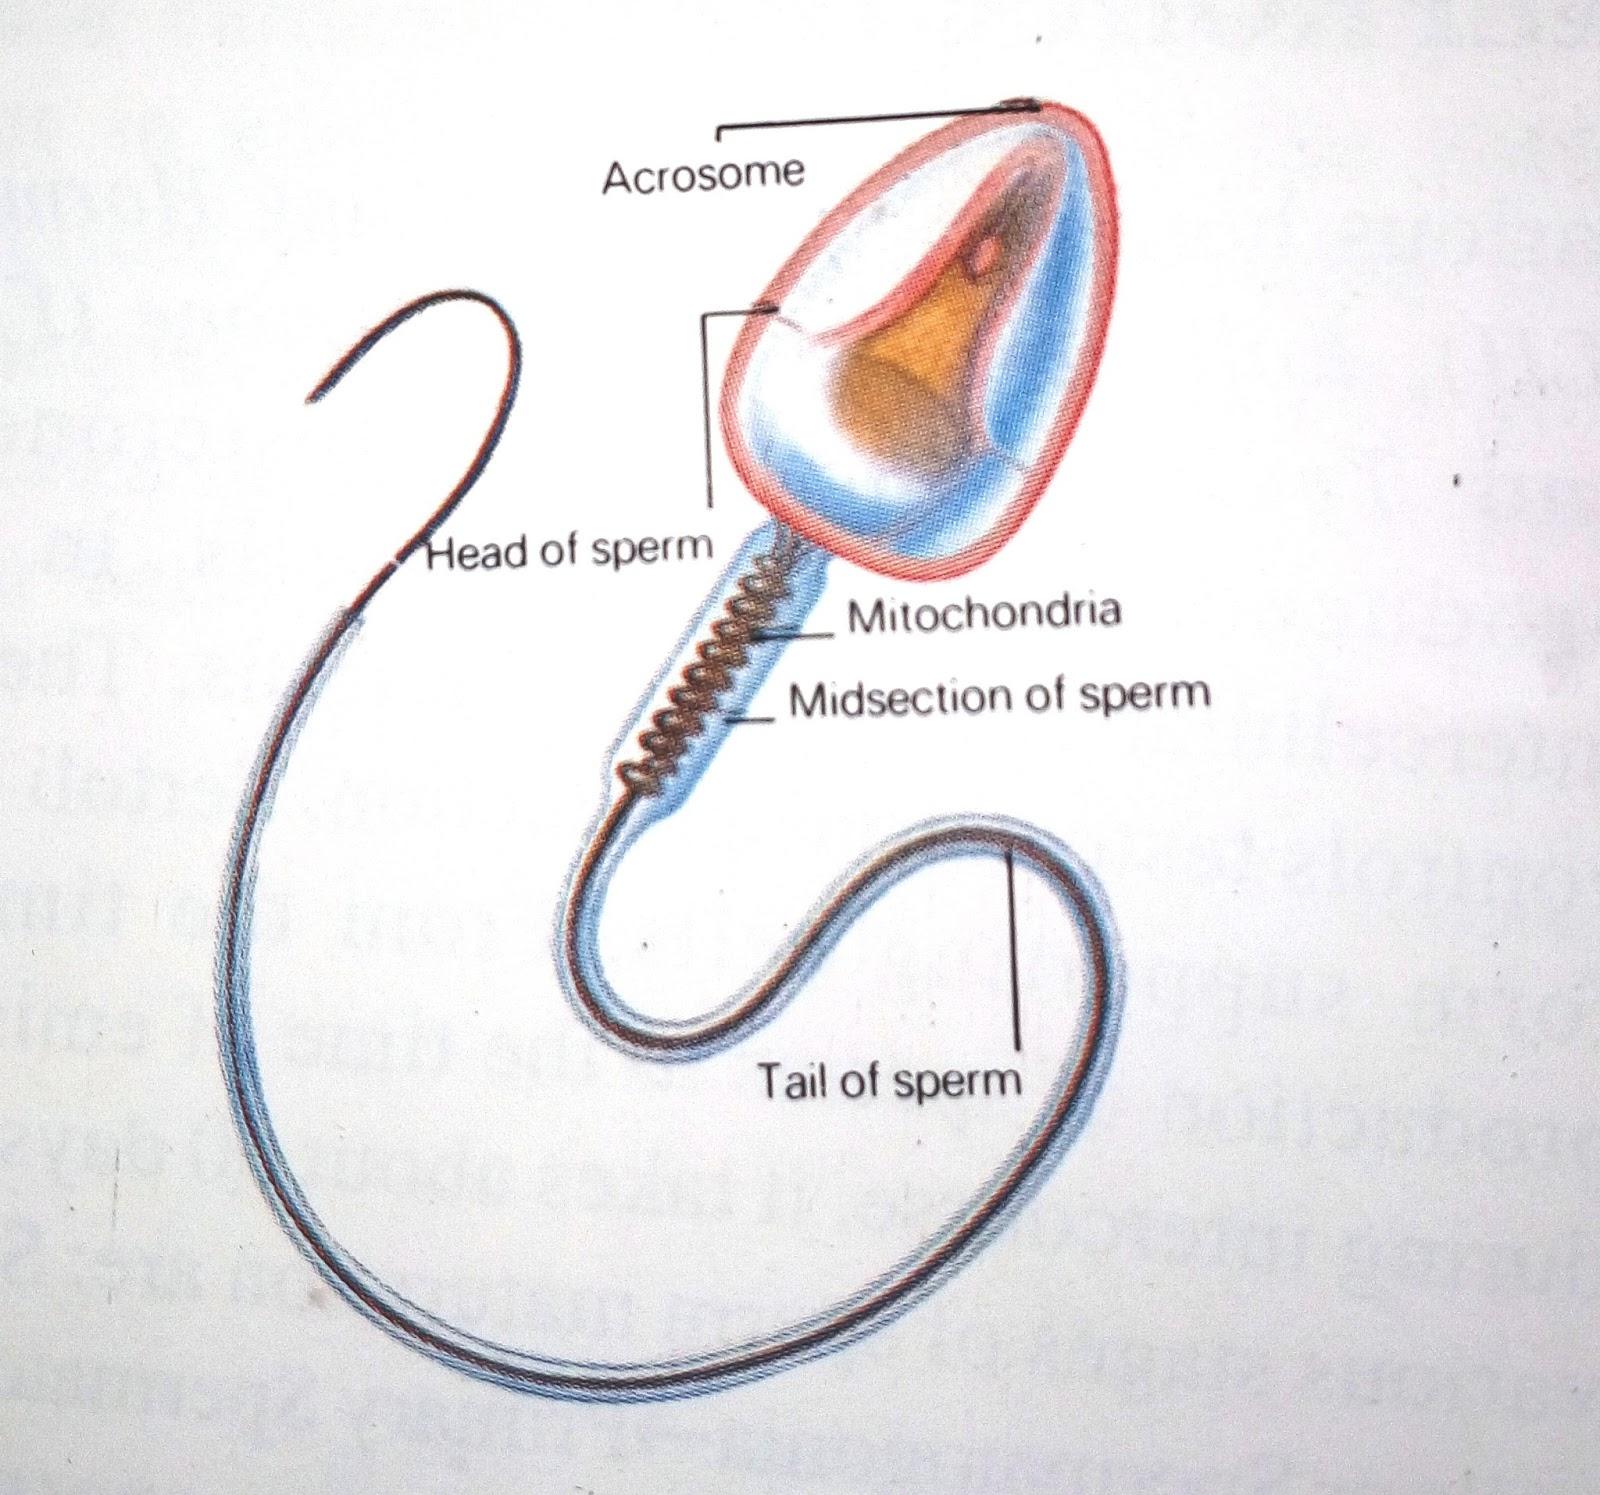 Rar sperm nucleus